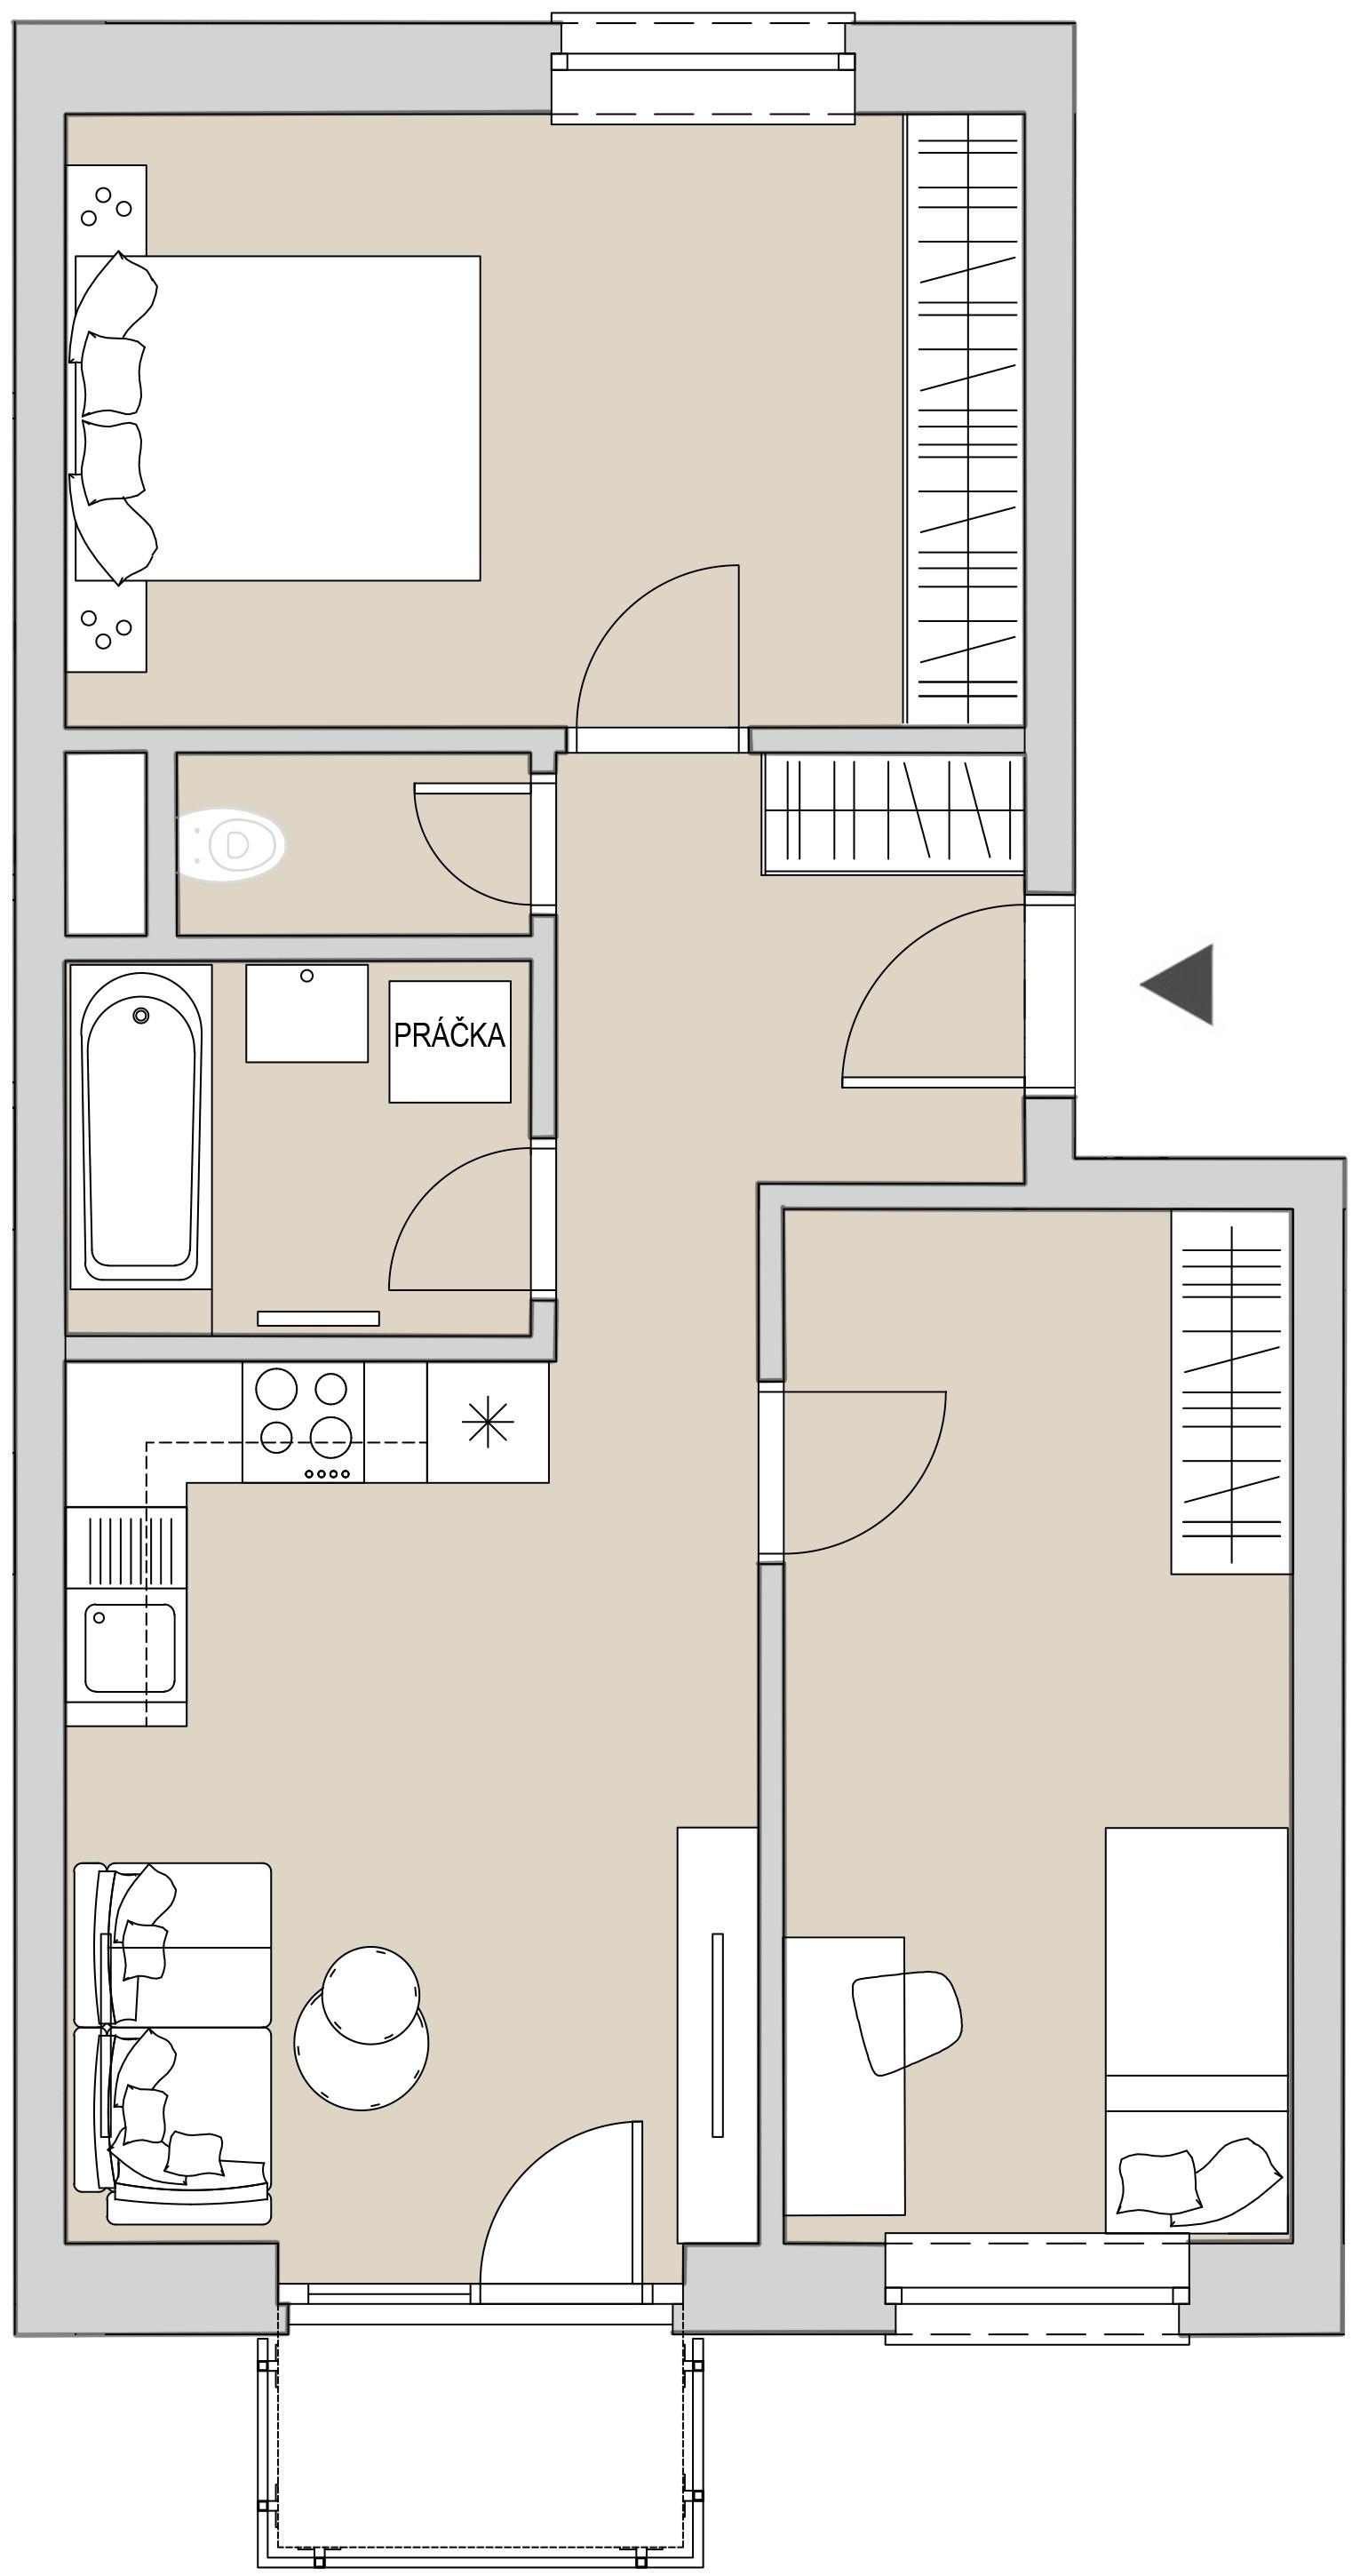 Pôdory bytu - 305 - varianta 3 - izbový